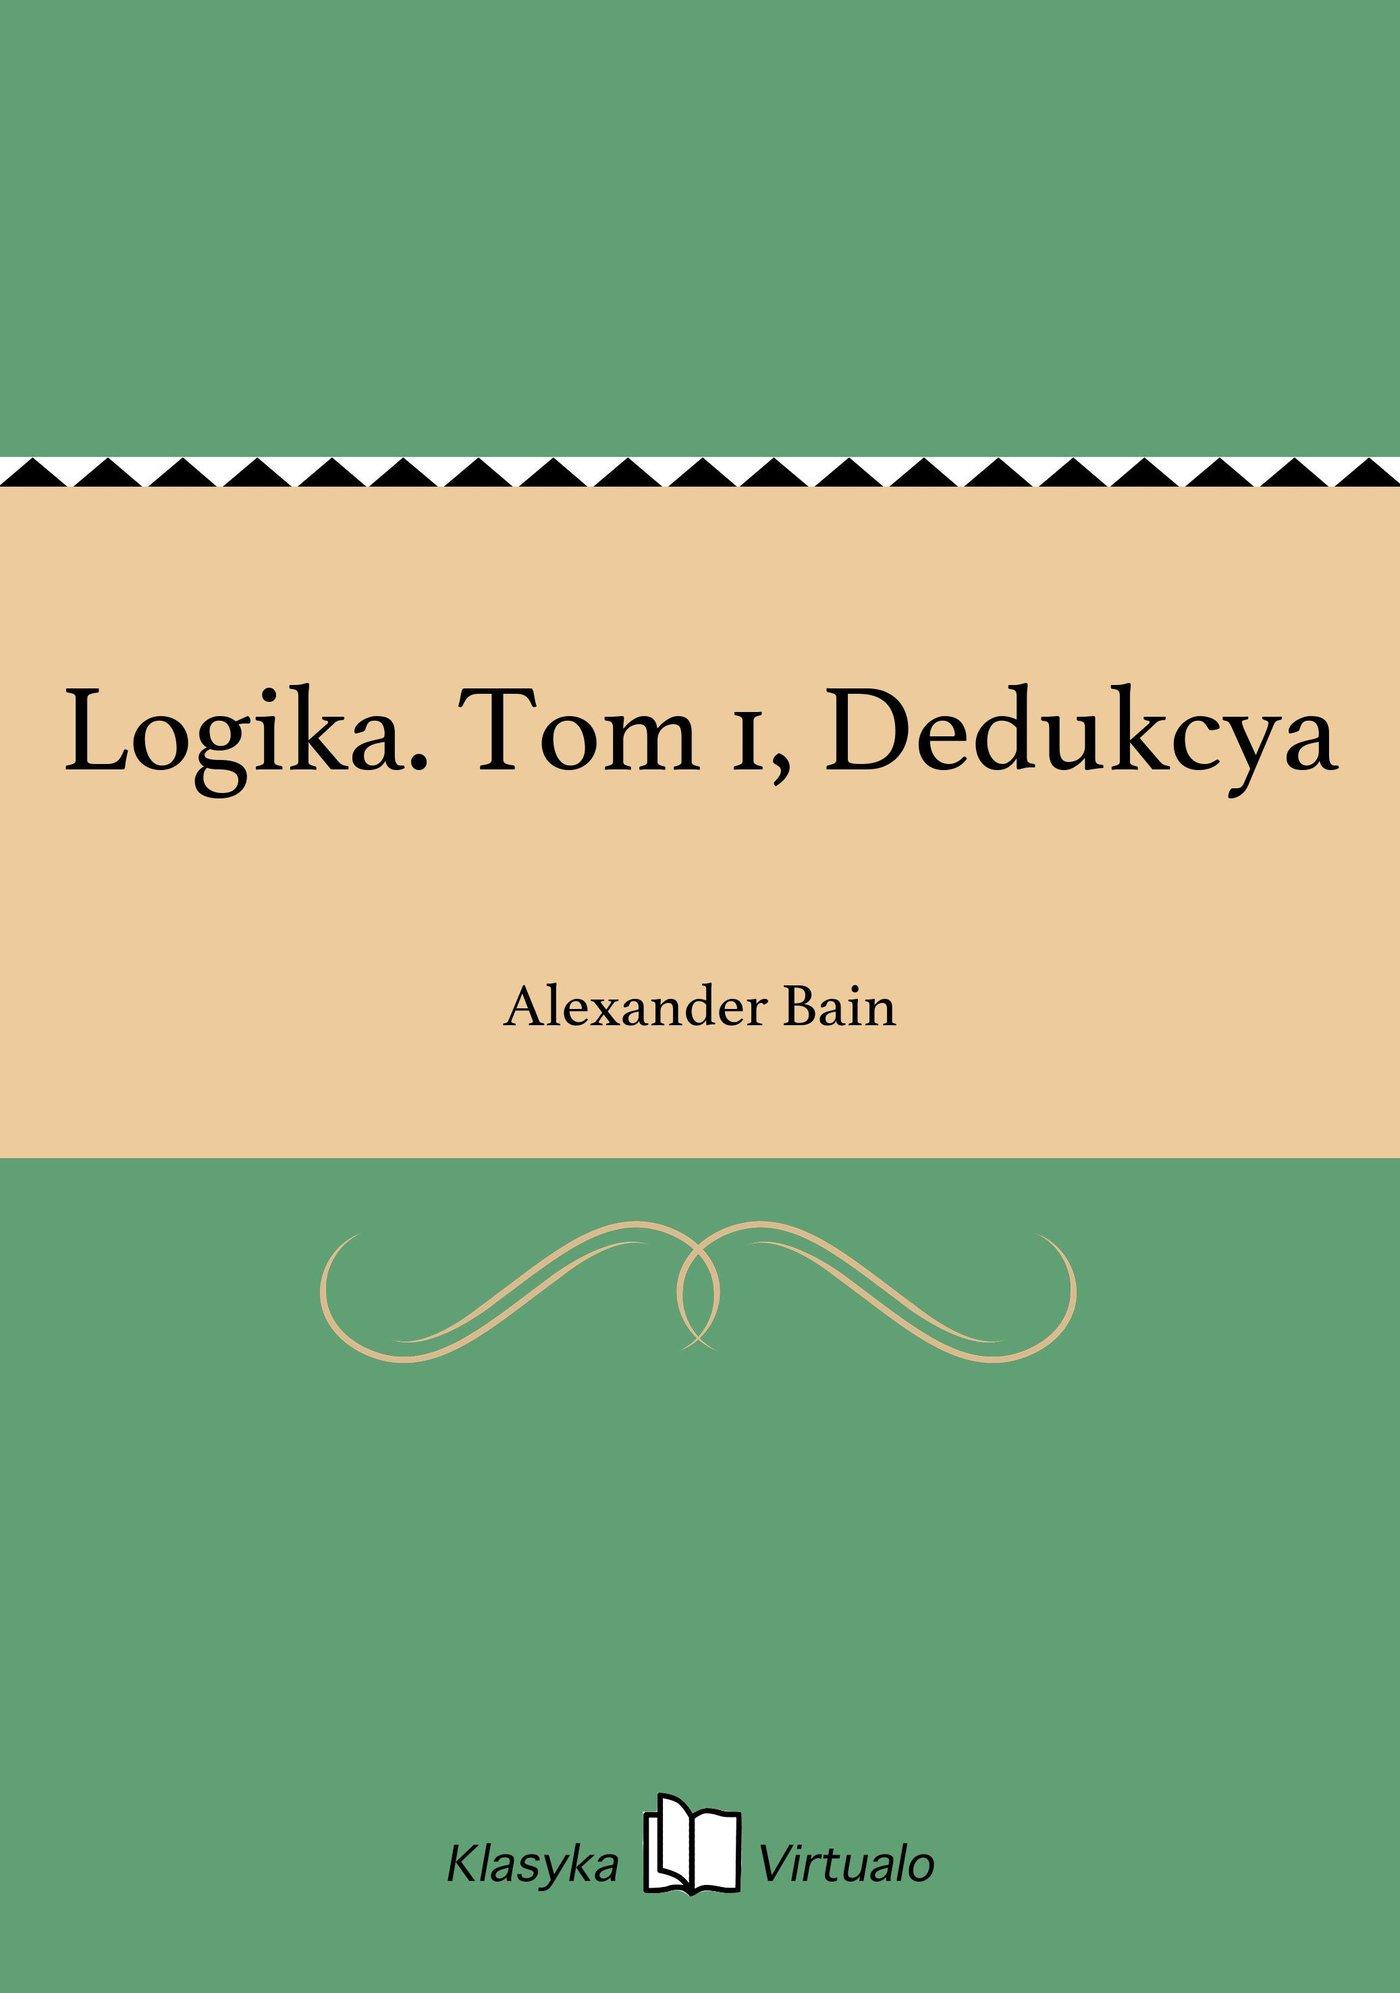 Logika. Tom 1, Dedukcya - Ebook (Książka EPUB) do pobrania w formacie EPUB